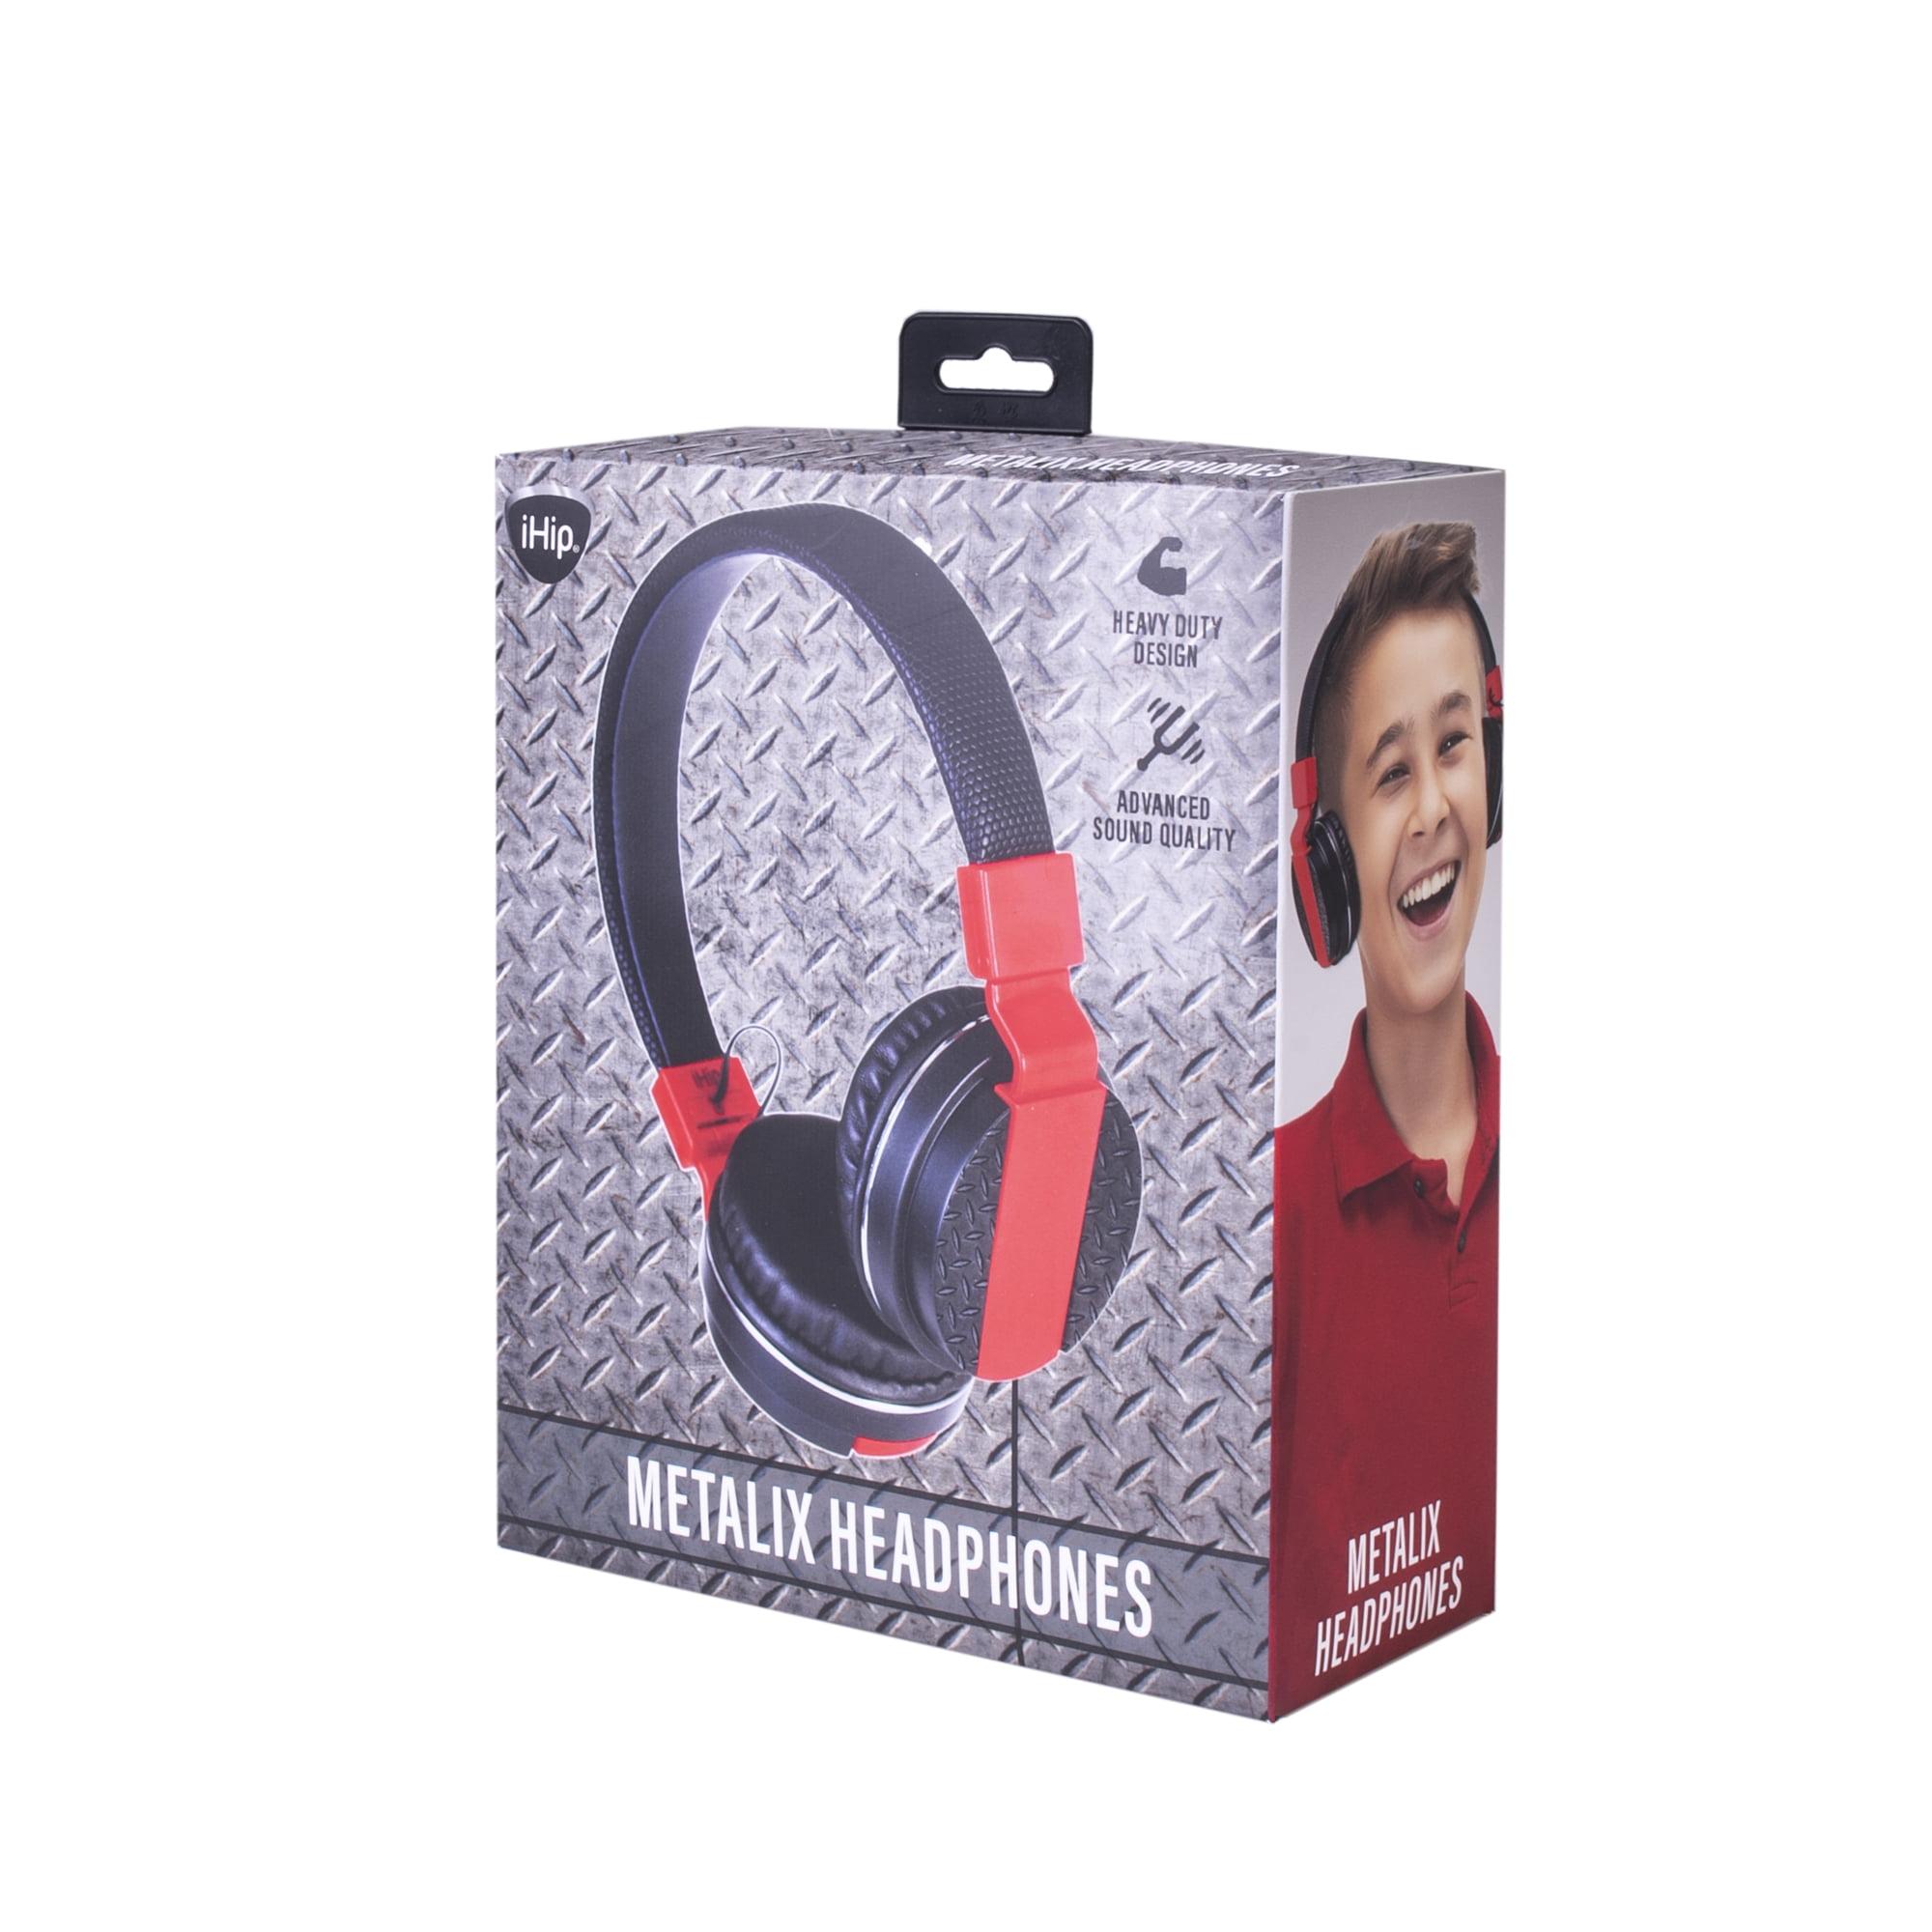 Ihip Metalix Wired Headphones